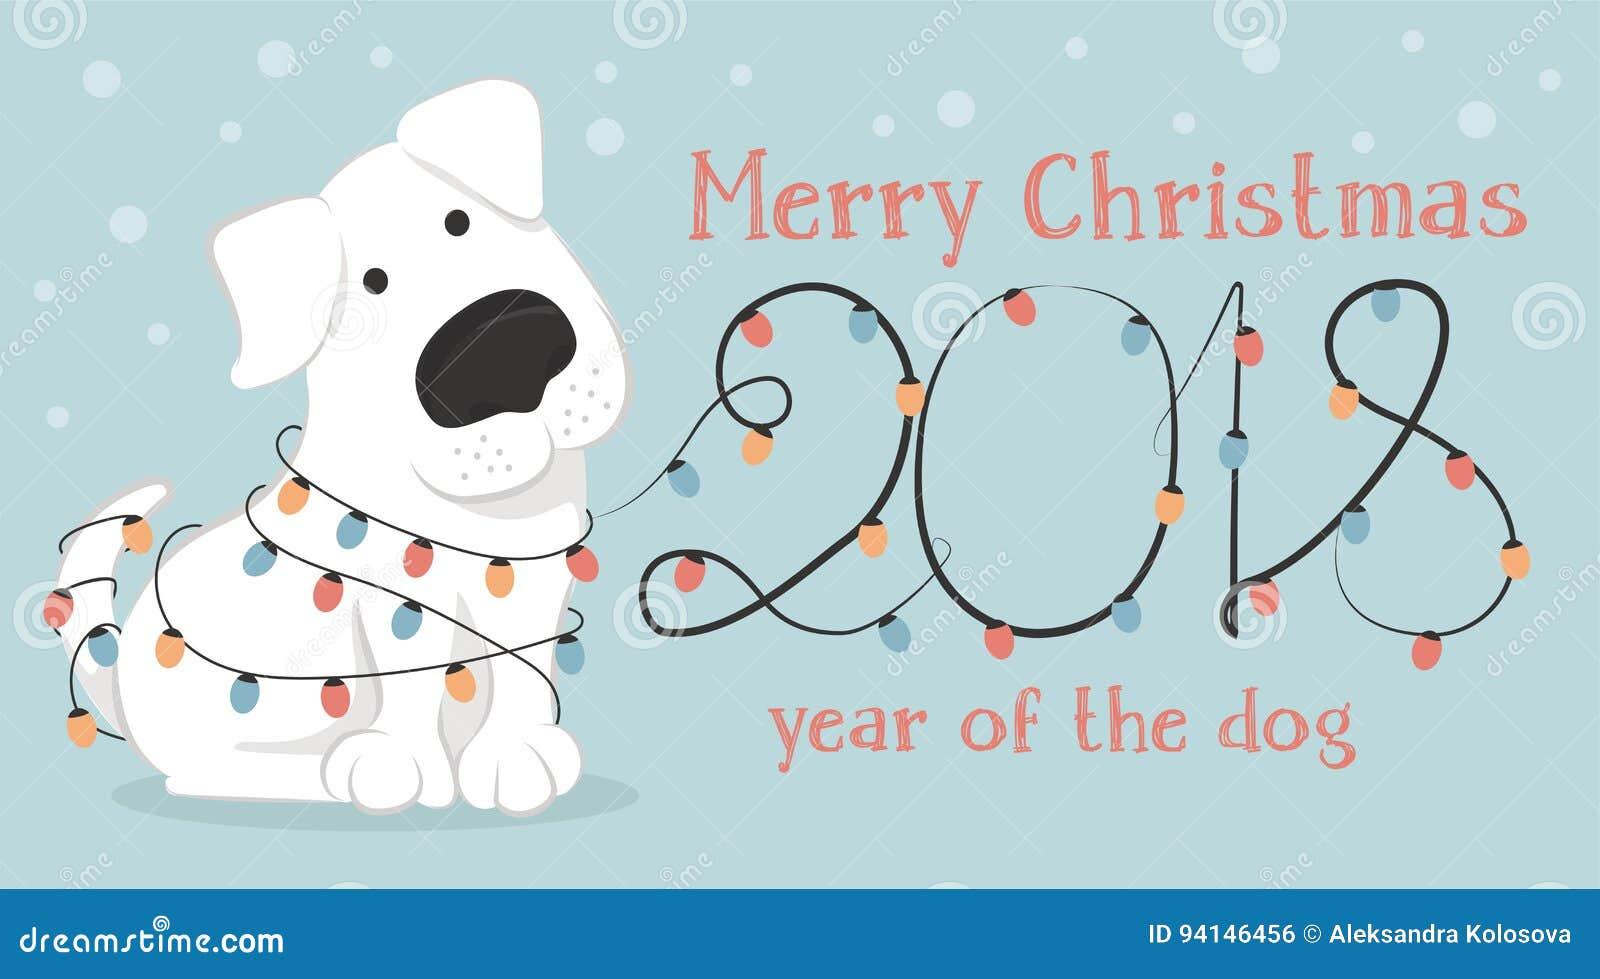 Christmas Card With Cartoon White Dog And Christmas Lights Stock